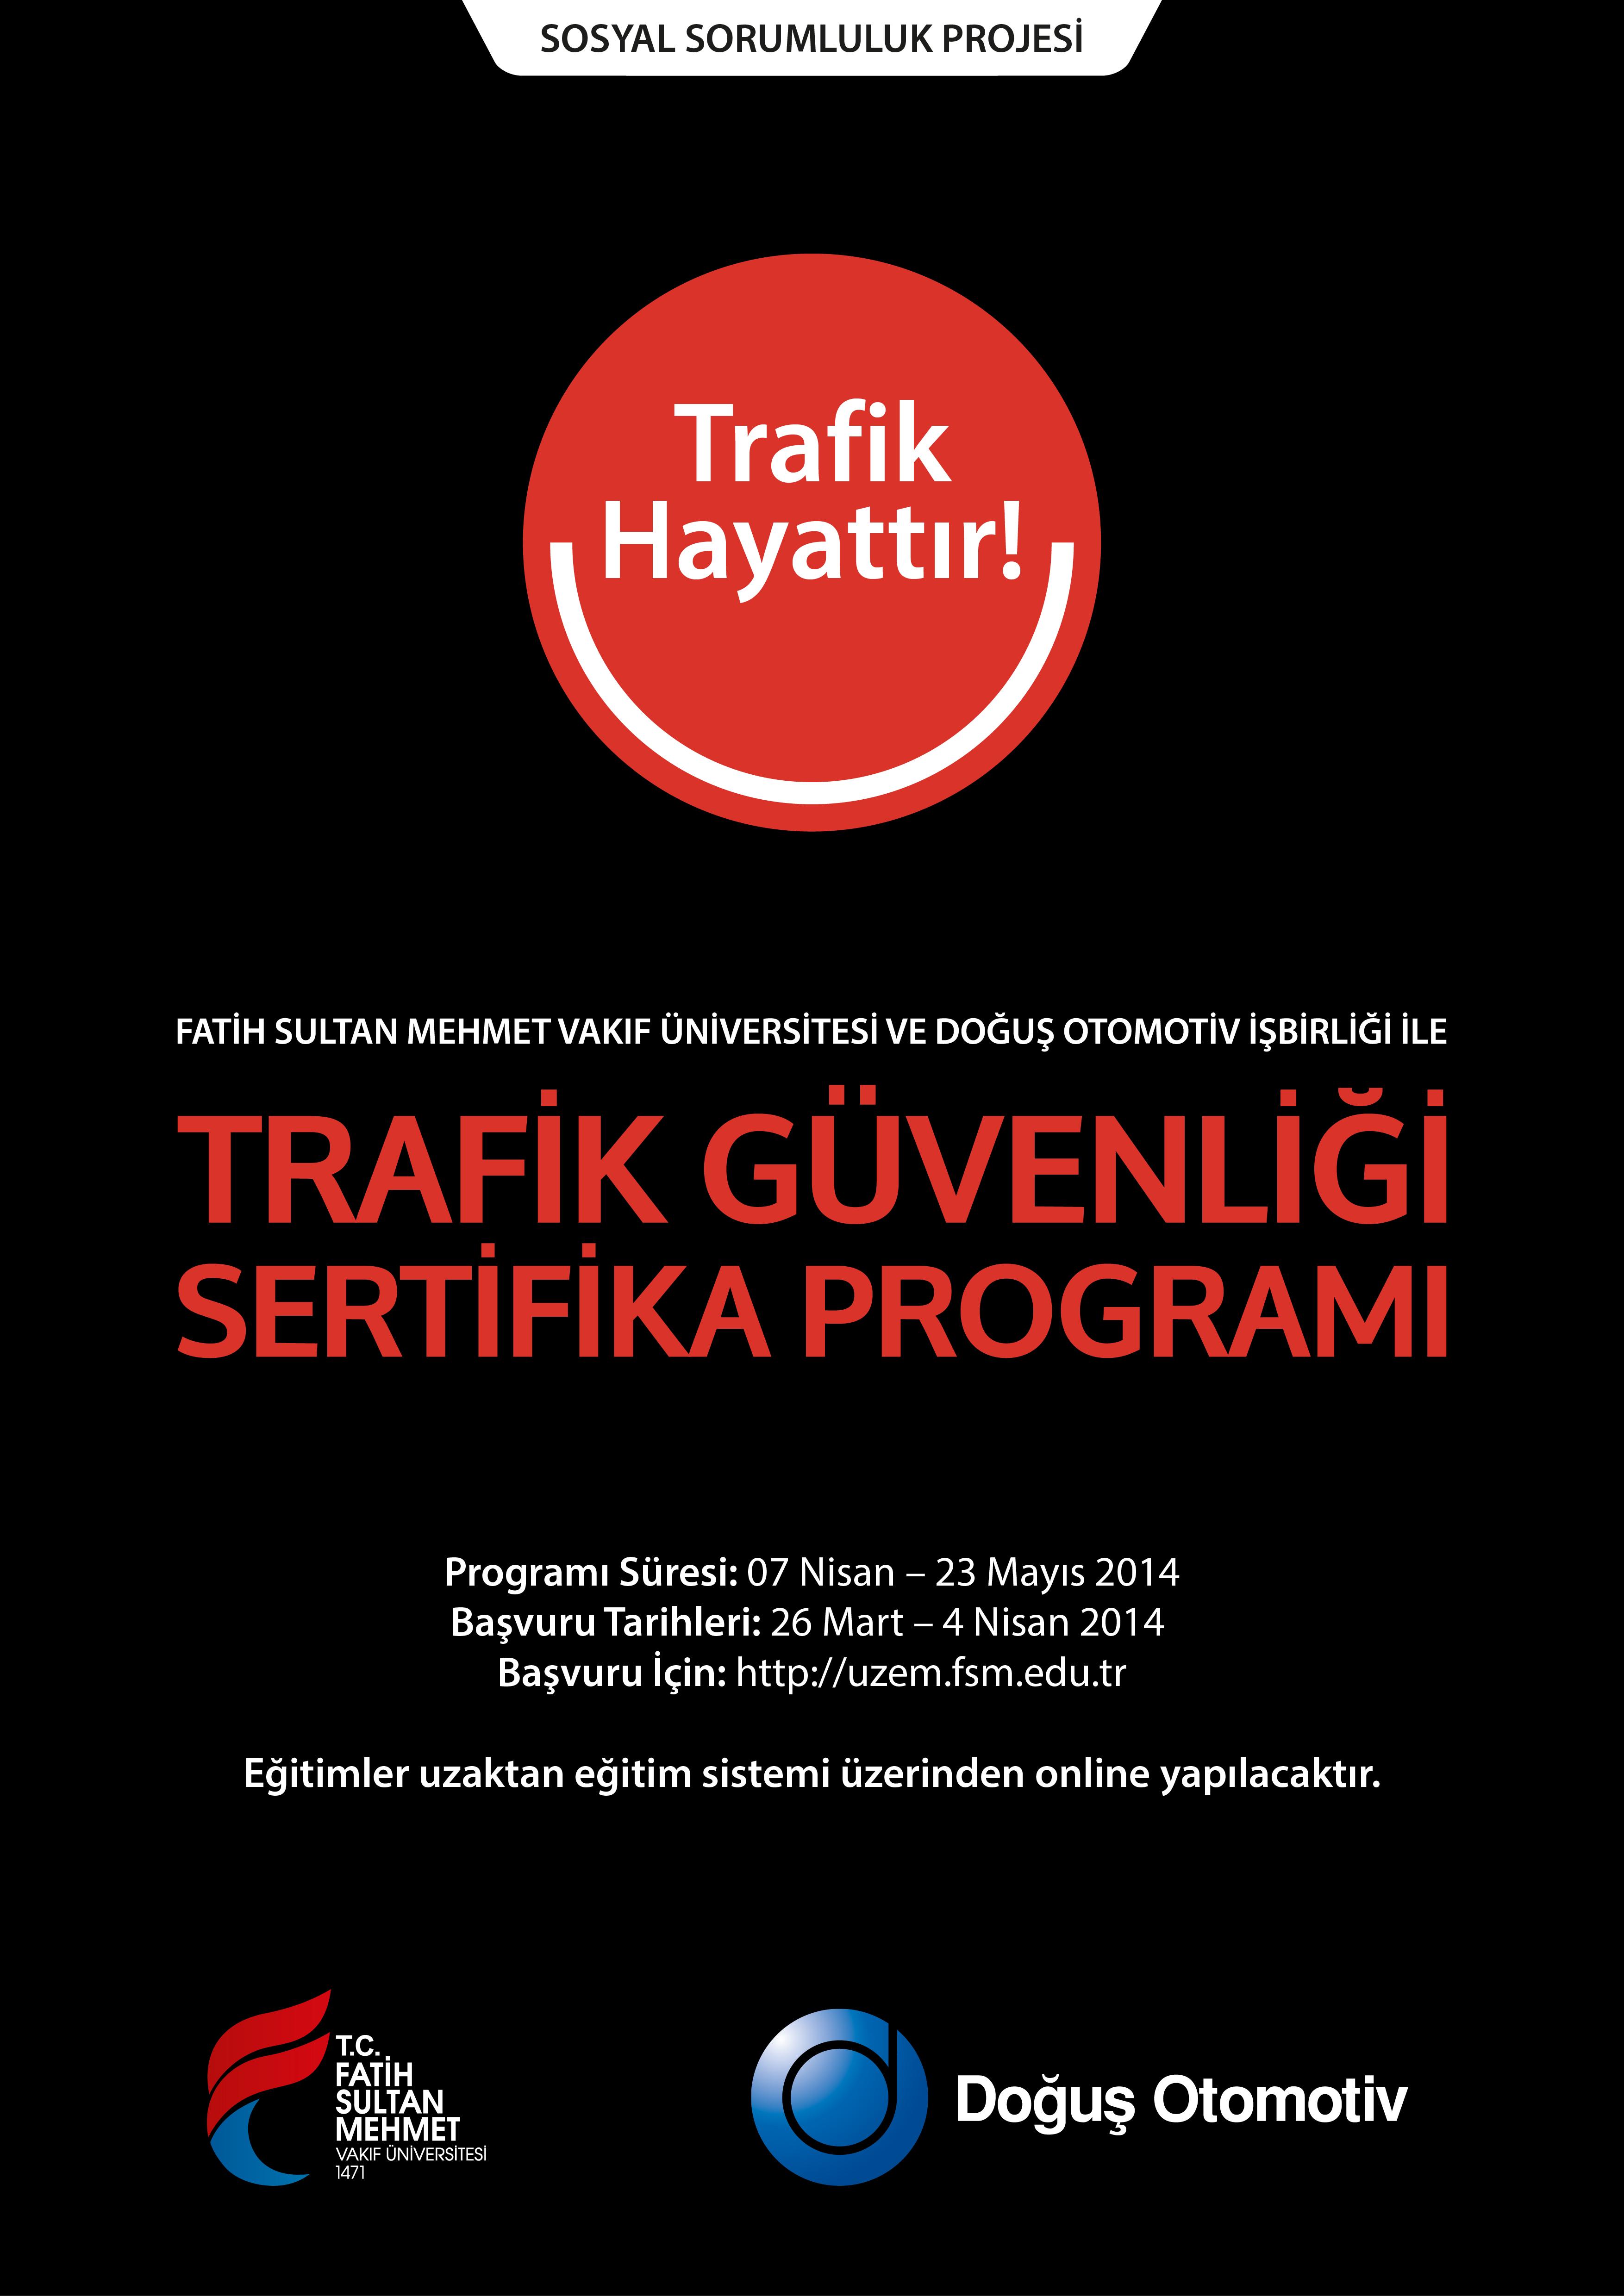 http://uzem.tomer.fsm.edu.tr/resimler/upload/Trafik-Hayattir-Sosyal-Sorumluluk-Projesi-3260314.jpg